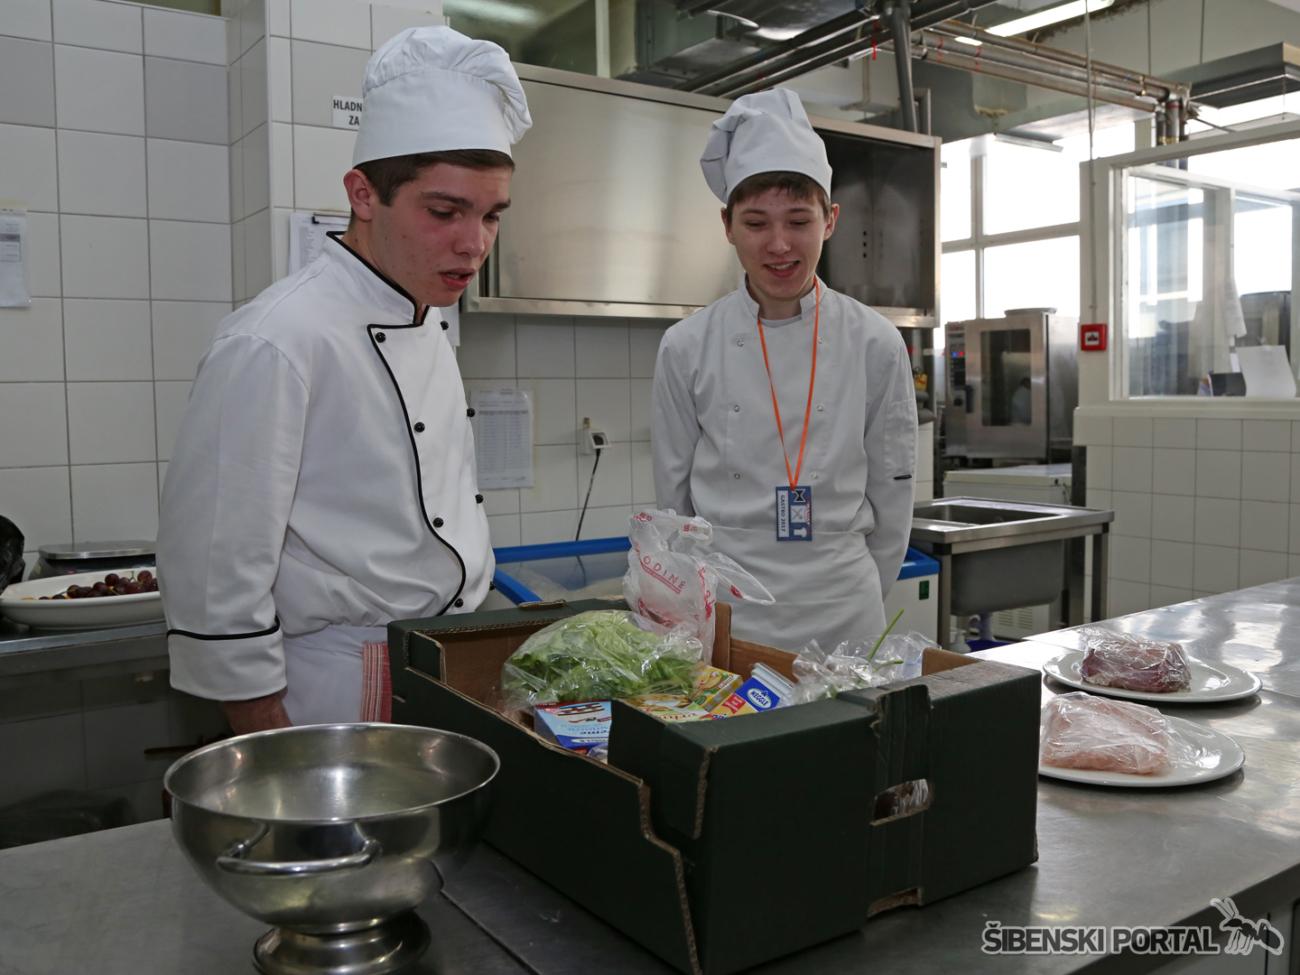 turisticka skola kuhari 220217 2